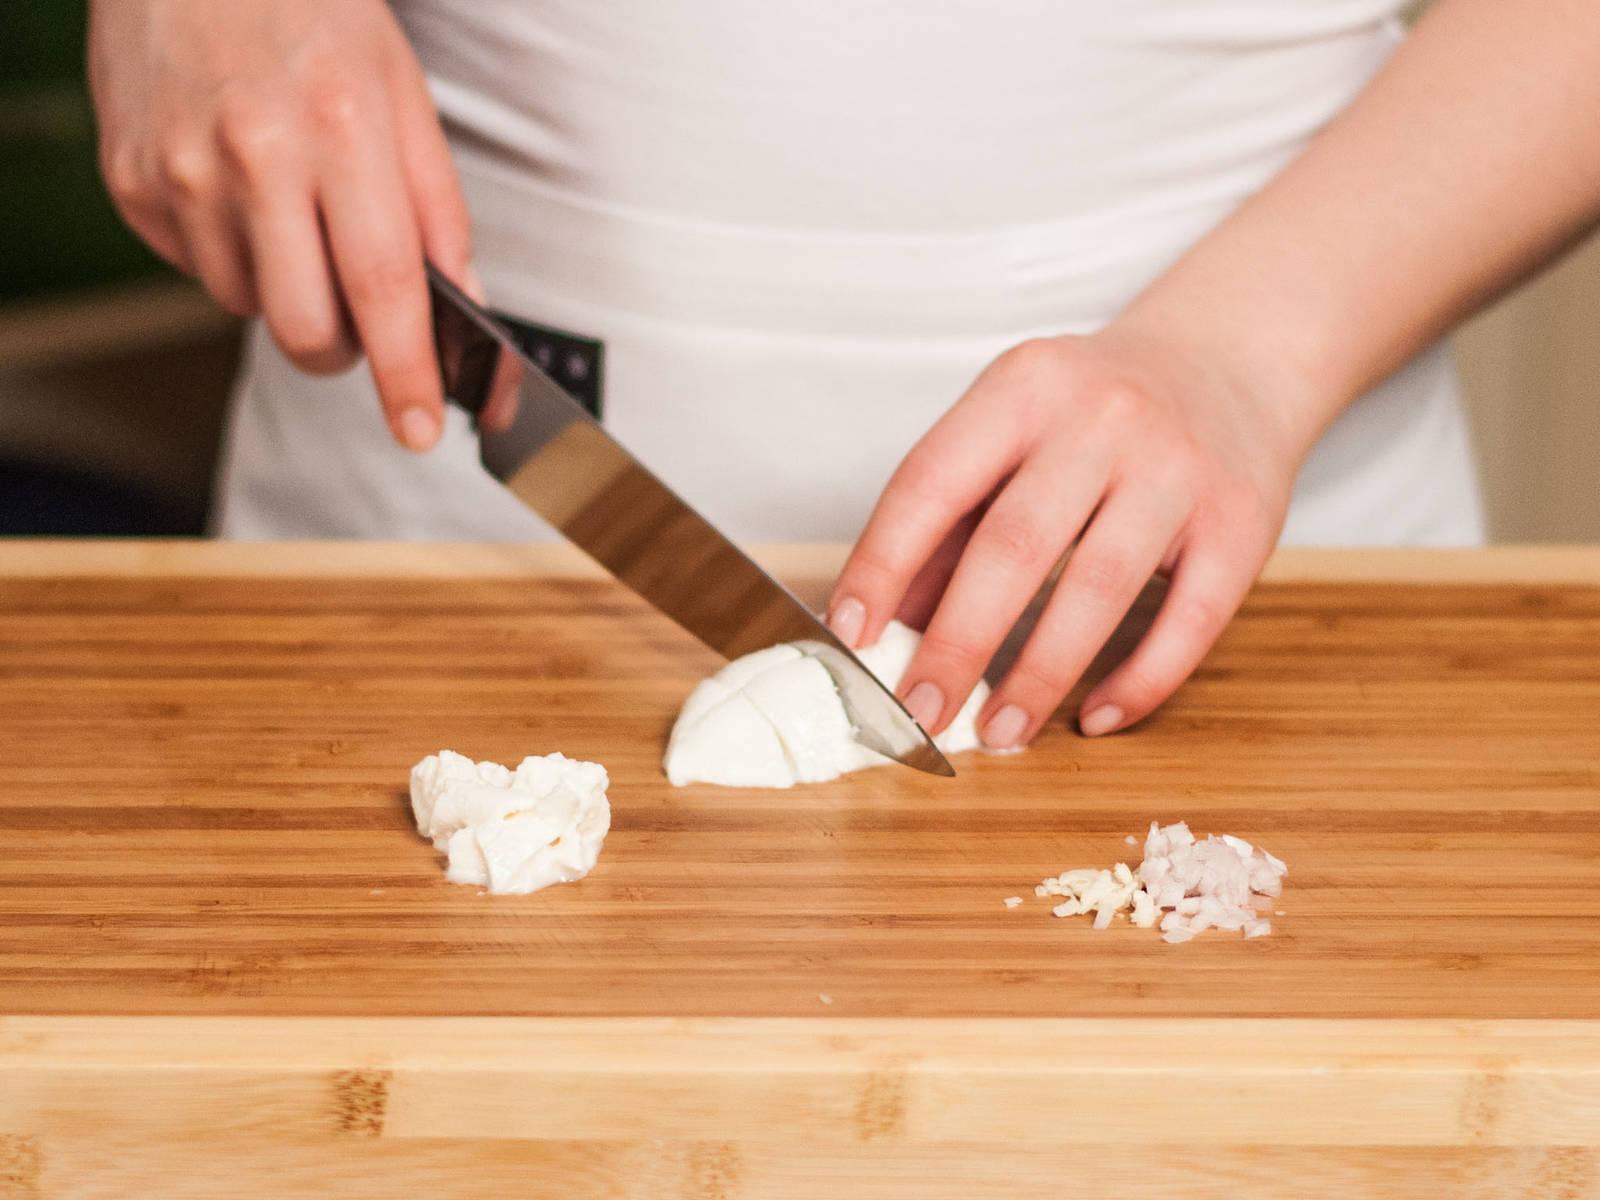 细细剁碎洋葱和蒜。将水牛乳马苏里拉奶酪切成胡桃大小。